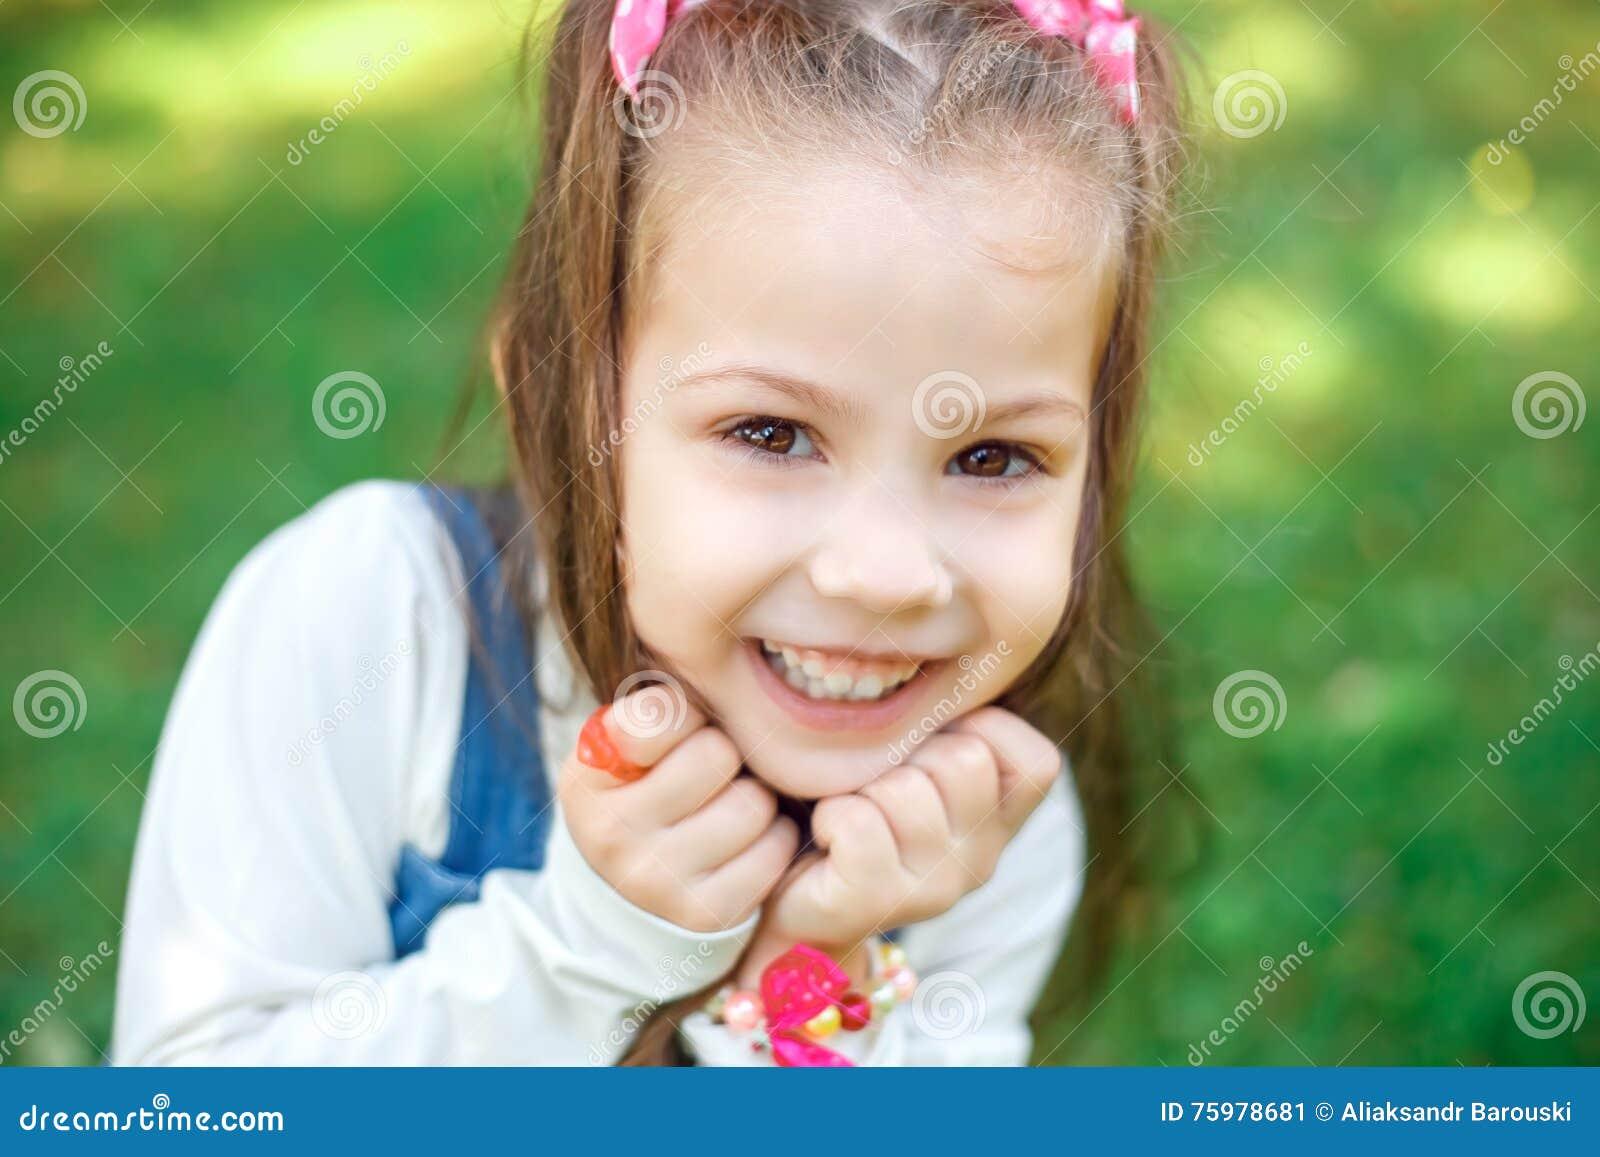 Bilder zu Nettes kleines blondes Mädchen mit langen Schwänzen auf dem Kopf, die bunten Kaugummi klebt.